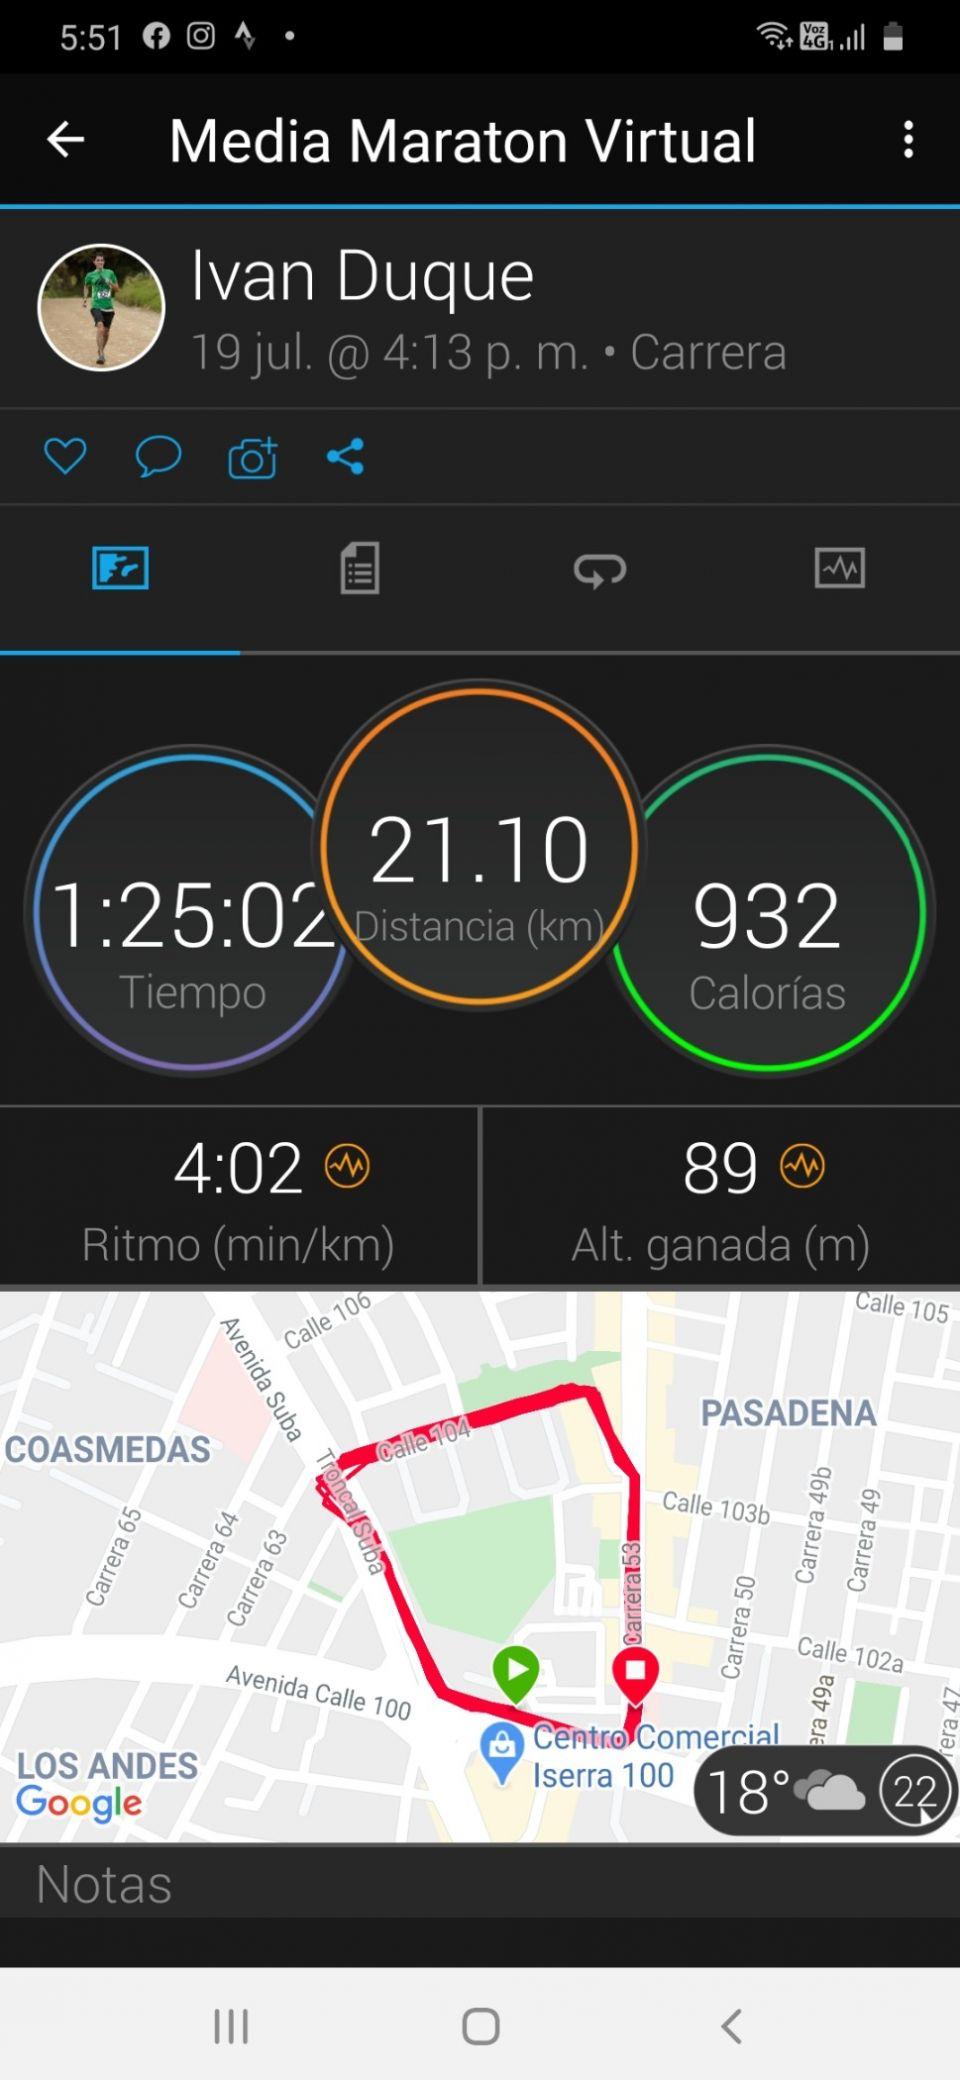 Mi megor registro para una media maraton